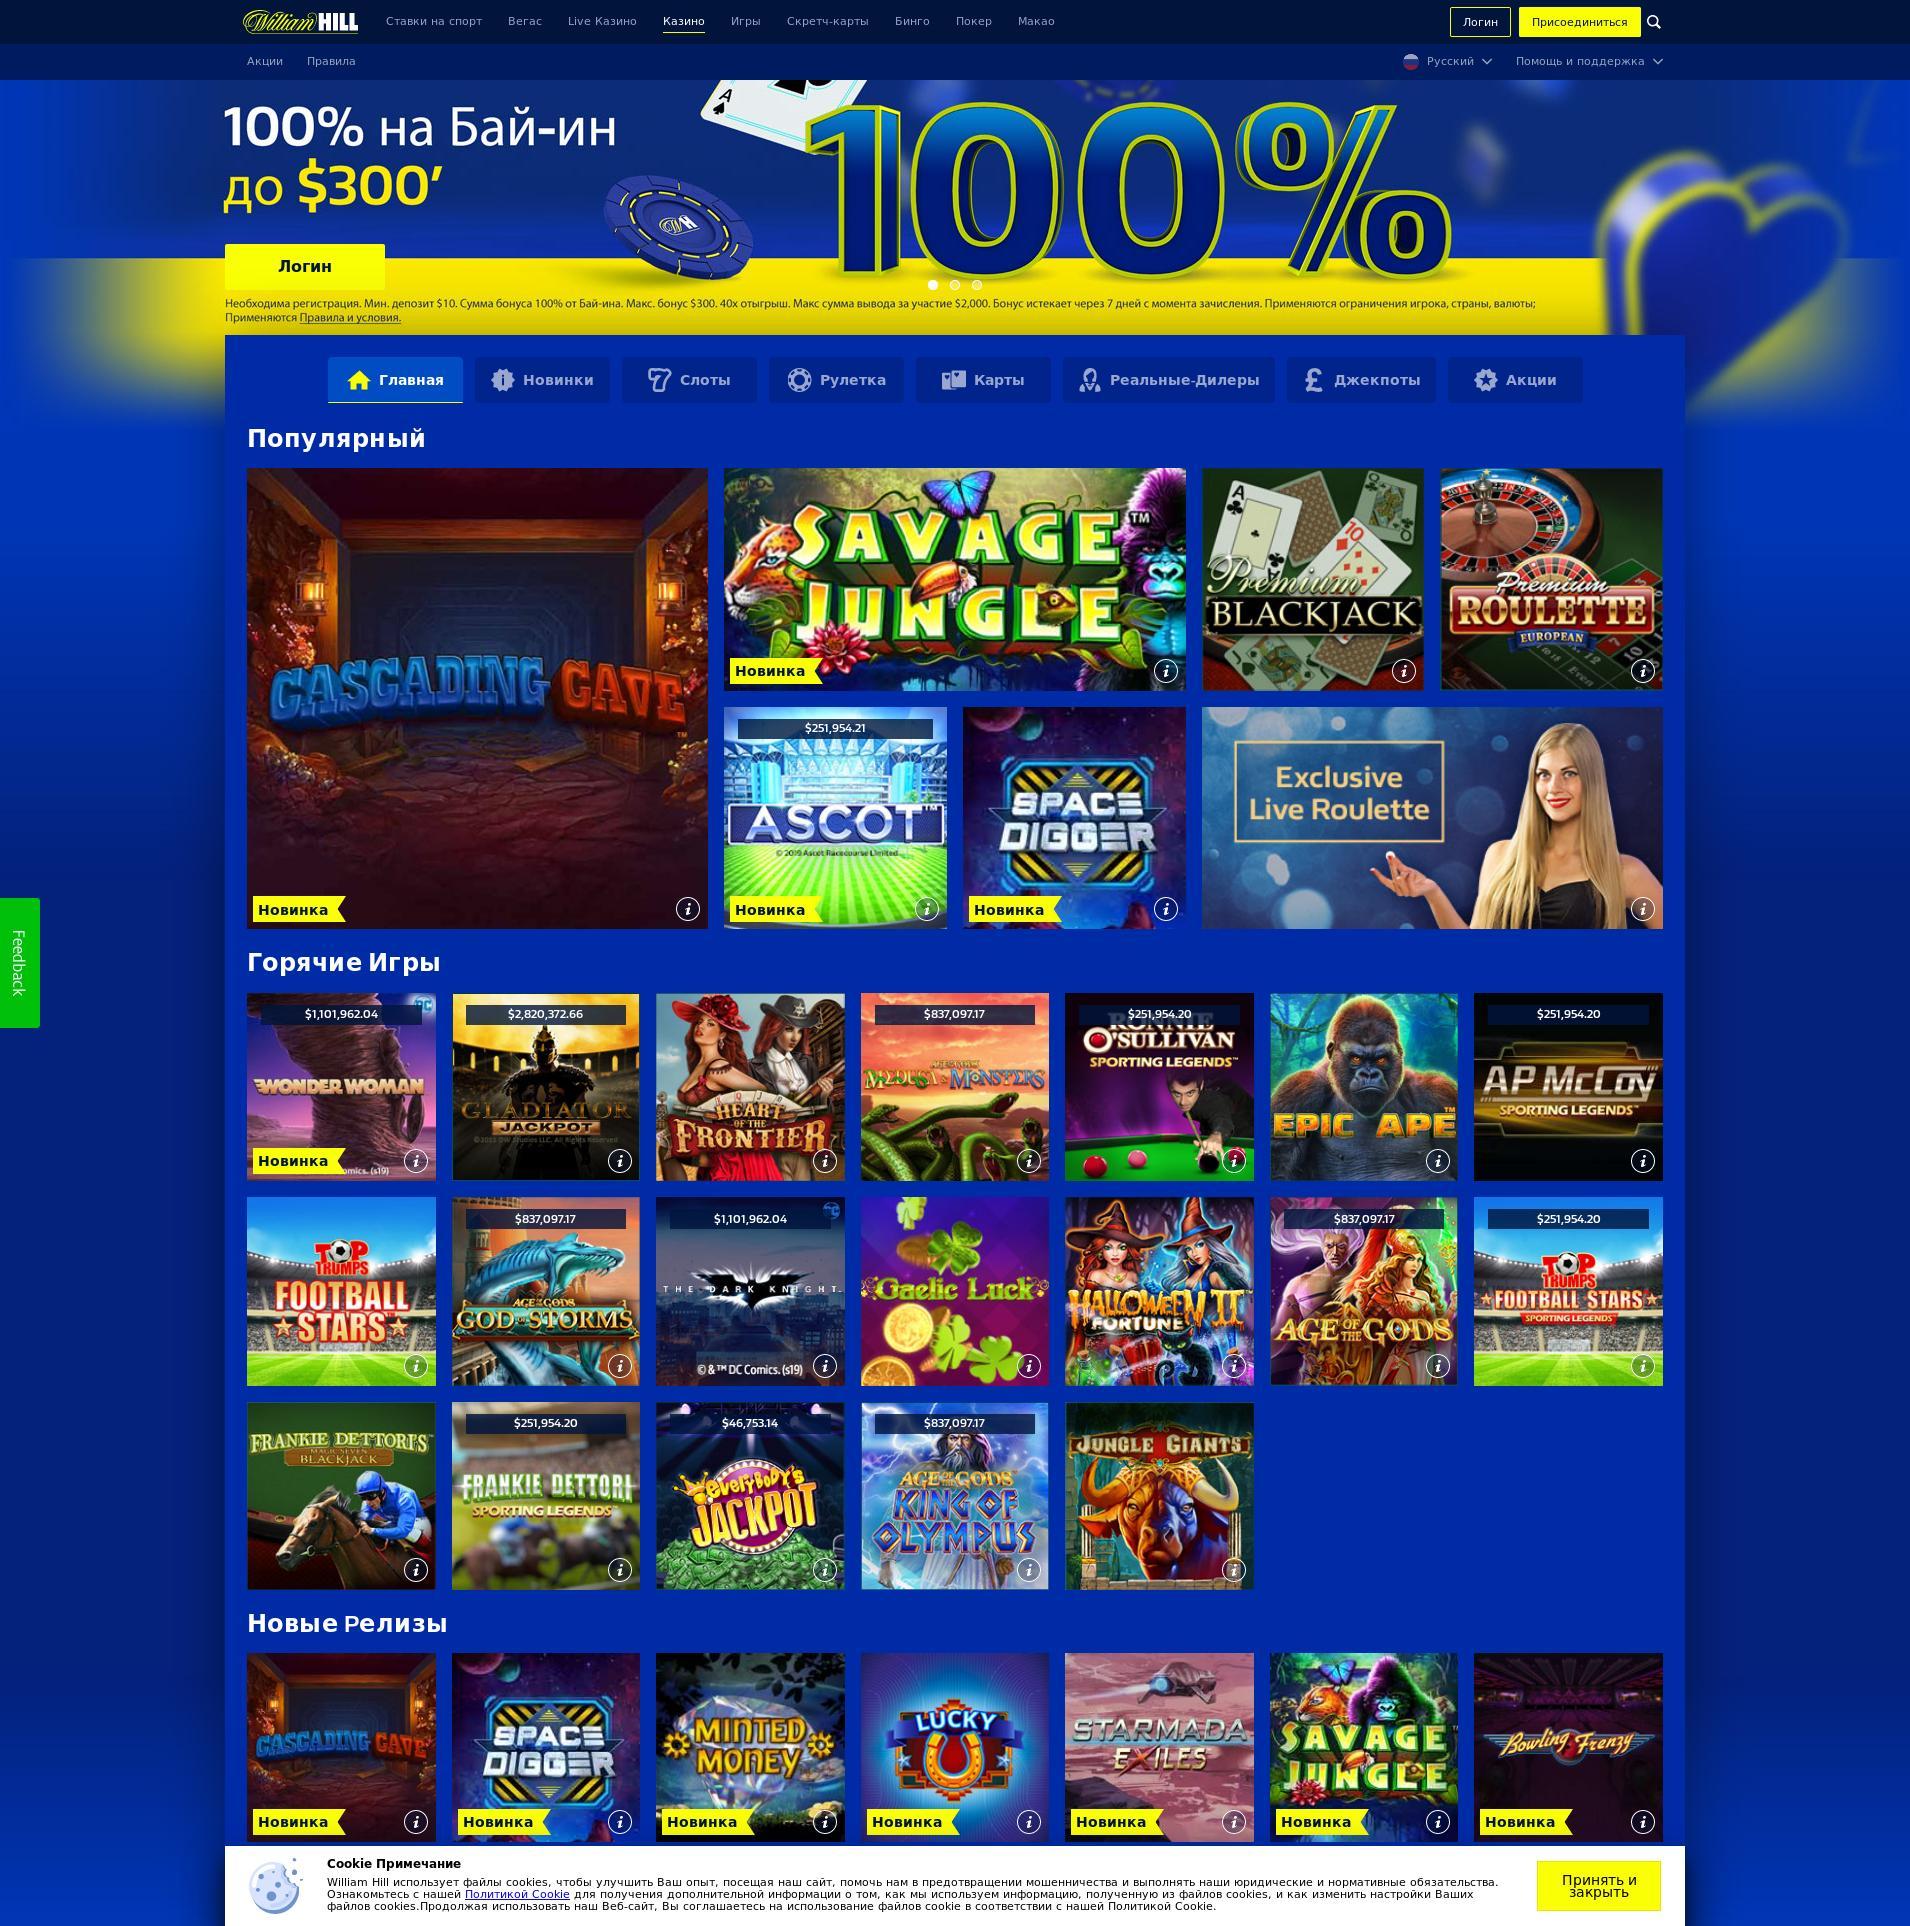 Обзор Вильям Хилл казино онлайн